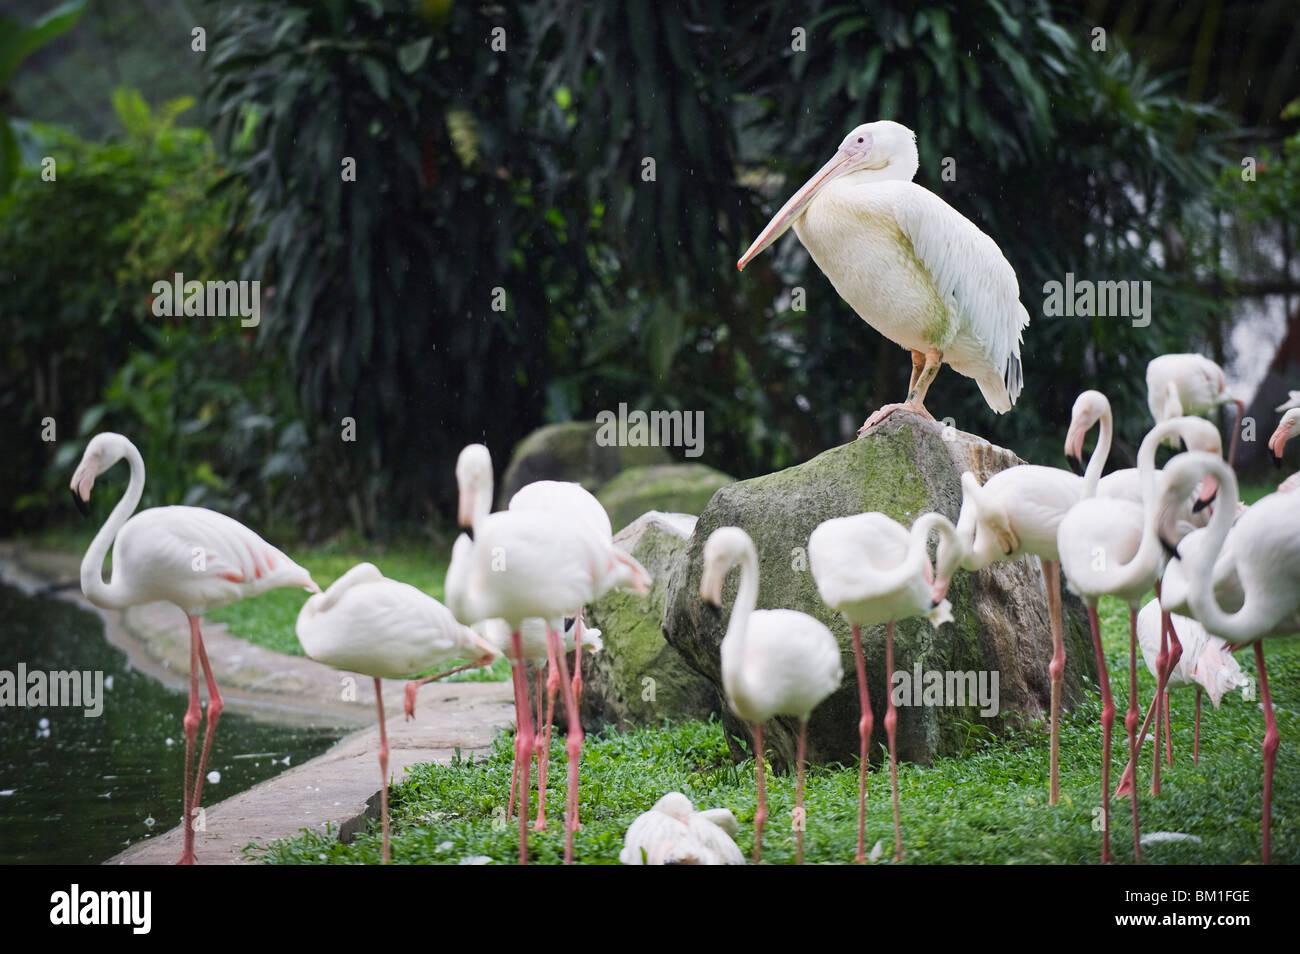 Pelican and flamingos, KL Bird Park, Kuala Lumpur, Malaysia, Southeast Asia, Asia - Stock Image